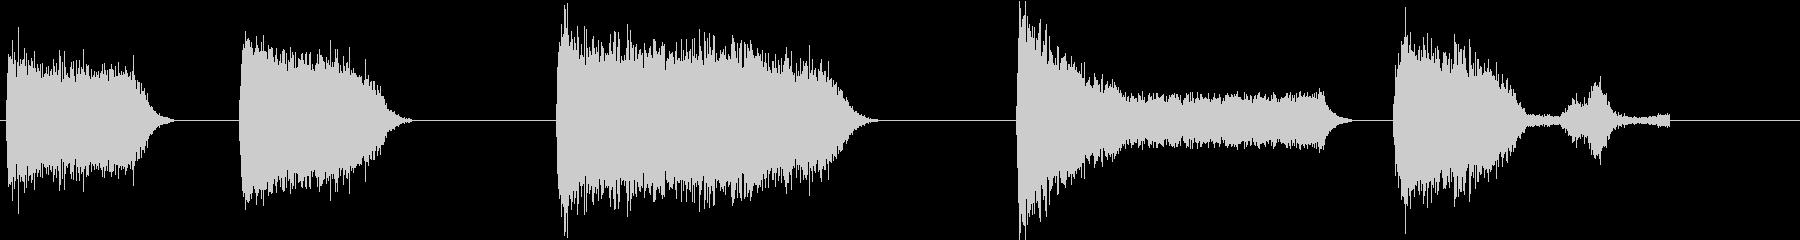 火炎放射器ブラスト、さまざまな長さ...の未再生の波形